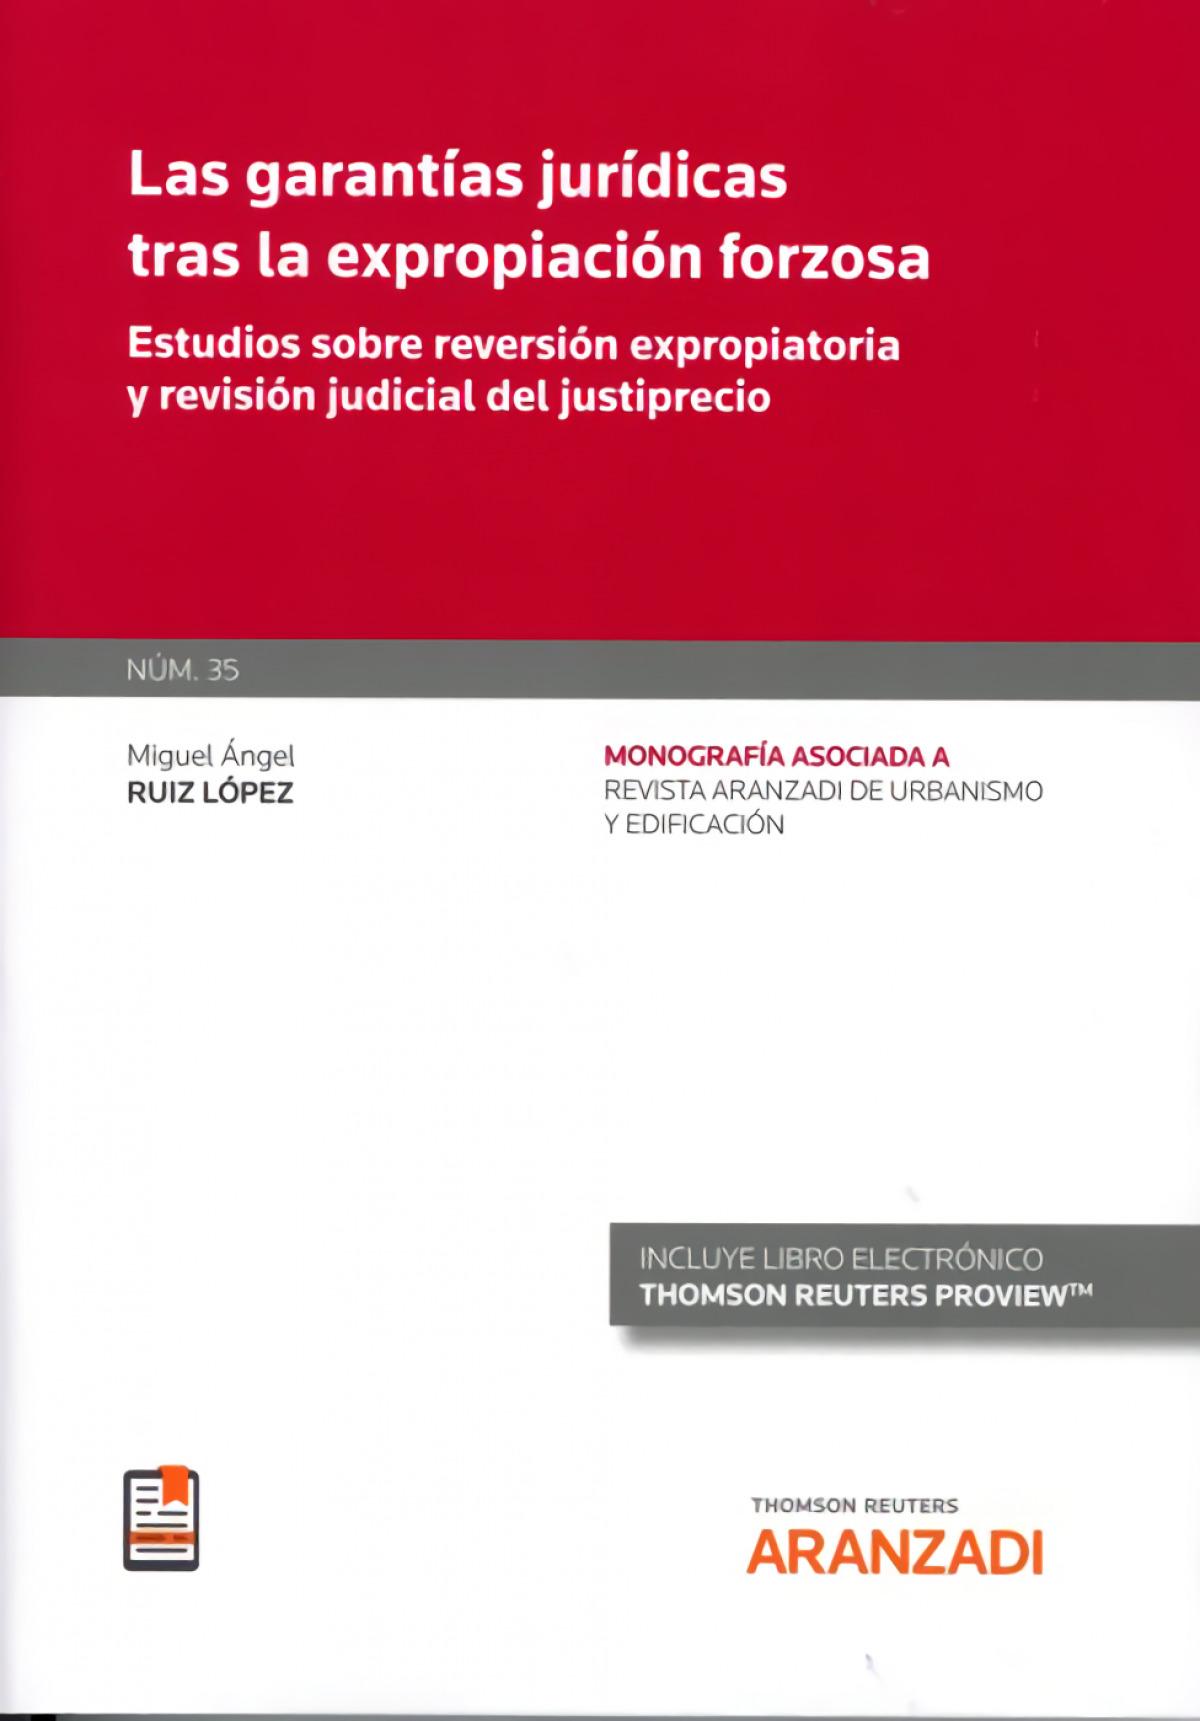 Garantías jurídicas tras la expropiación forzosa revista de urbanismo y edificac